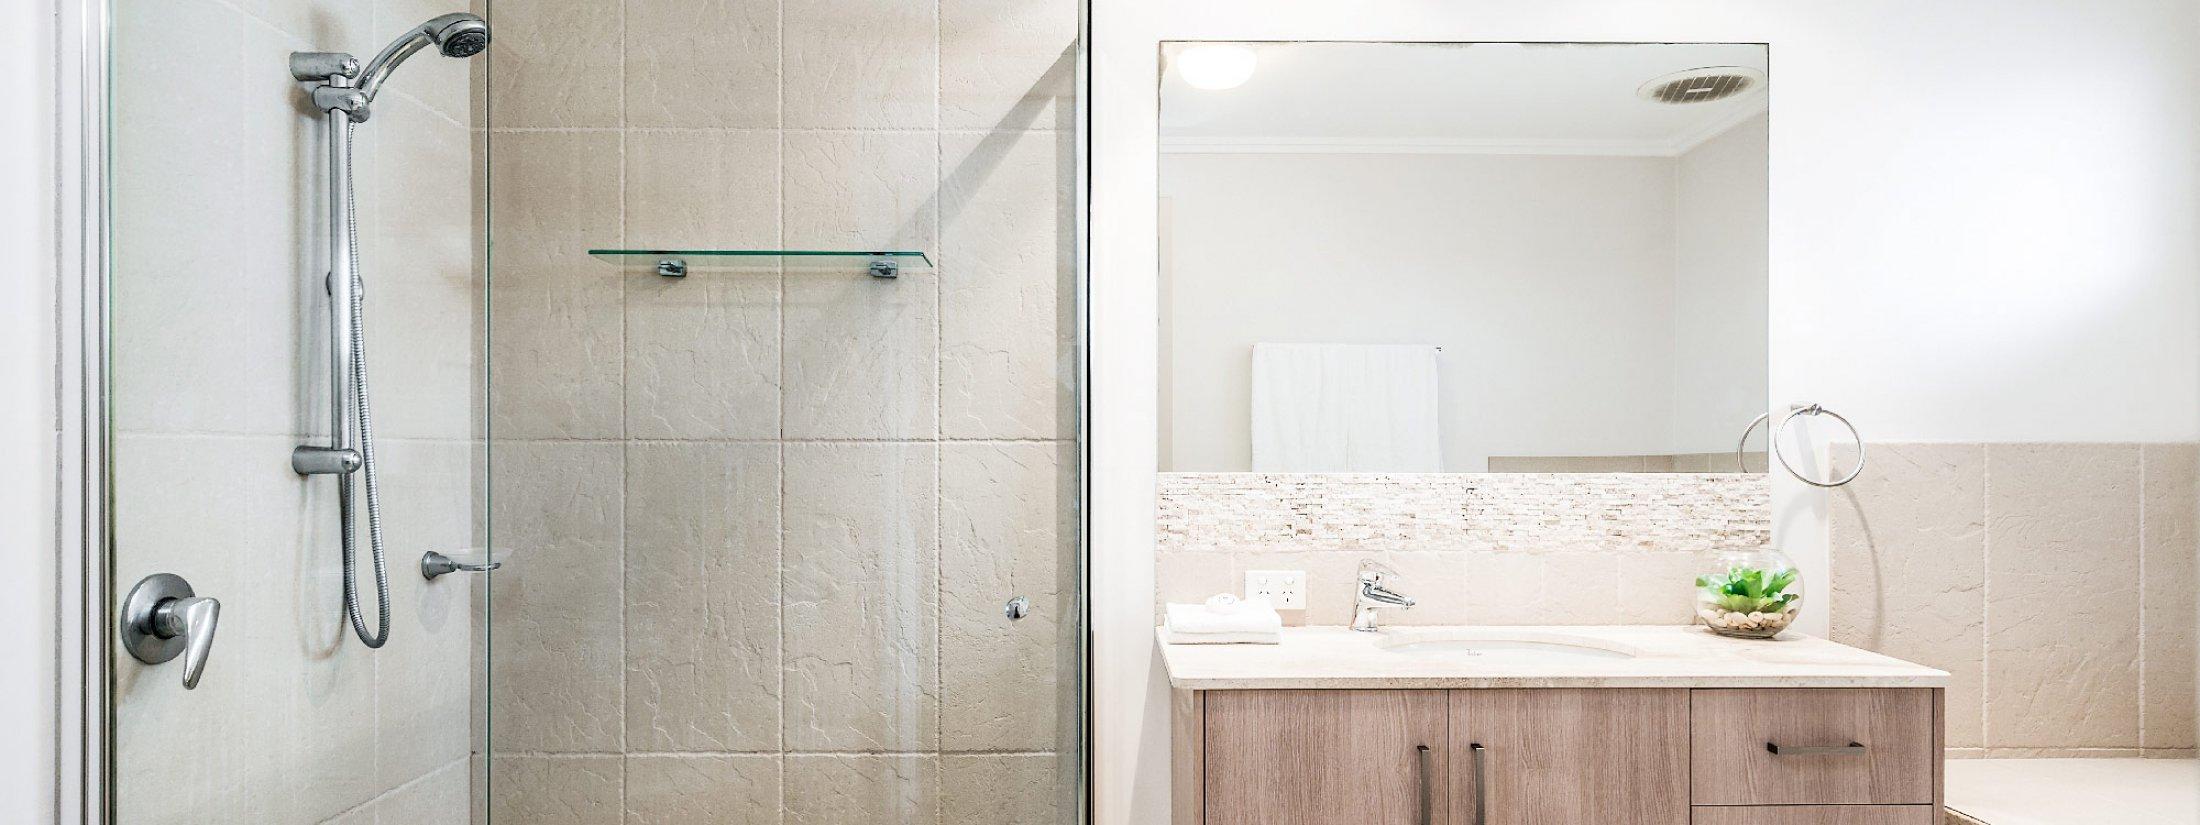 At Driftaway - Byron Bay - Bathroom Upstairs d